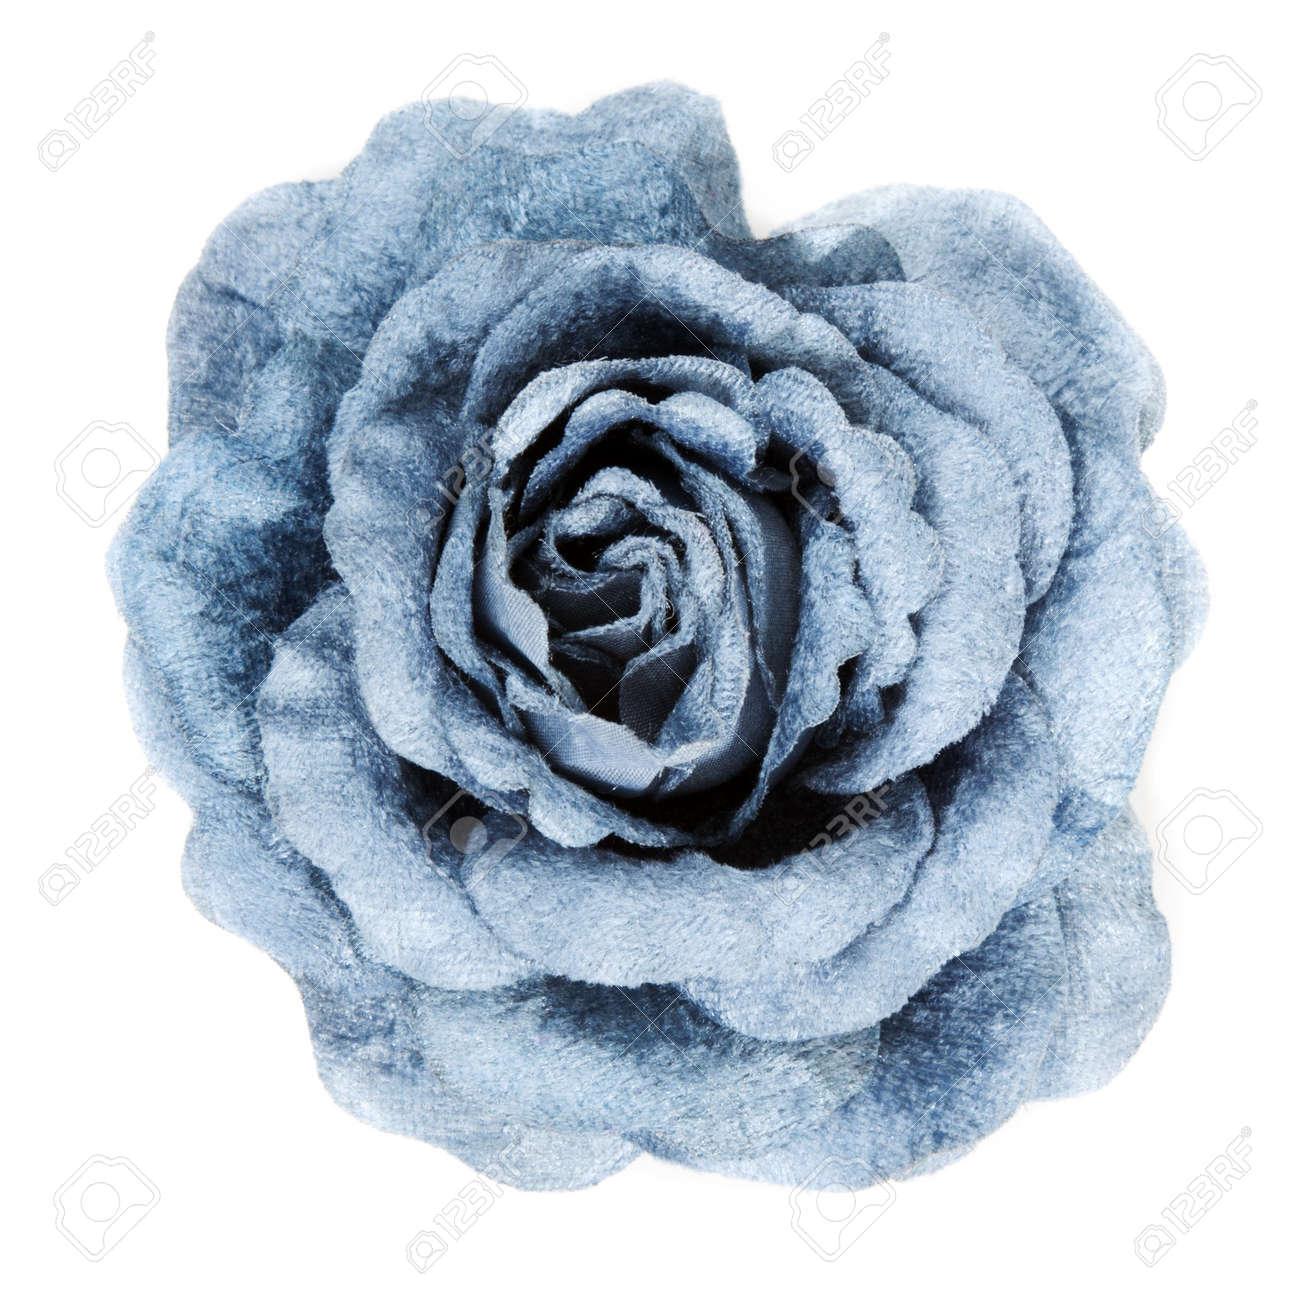 Blue fabrics rose insulated on white background Stock Photo - 8167632